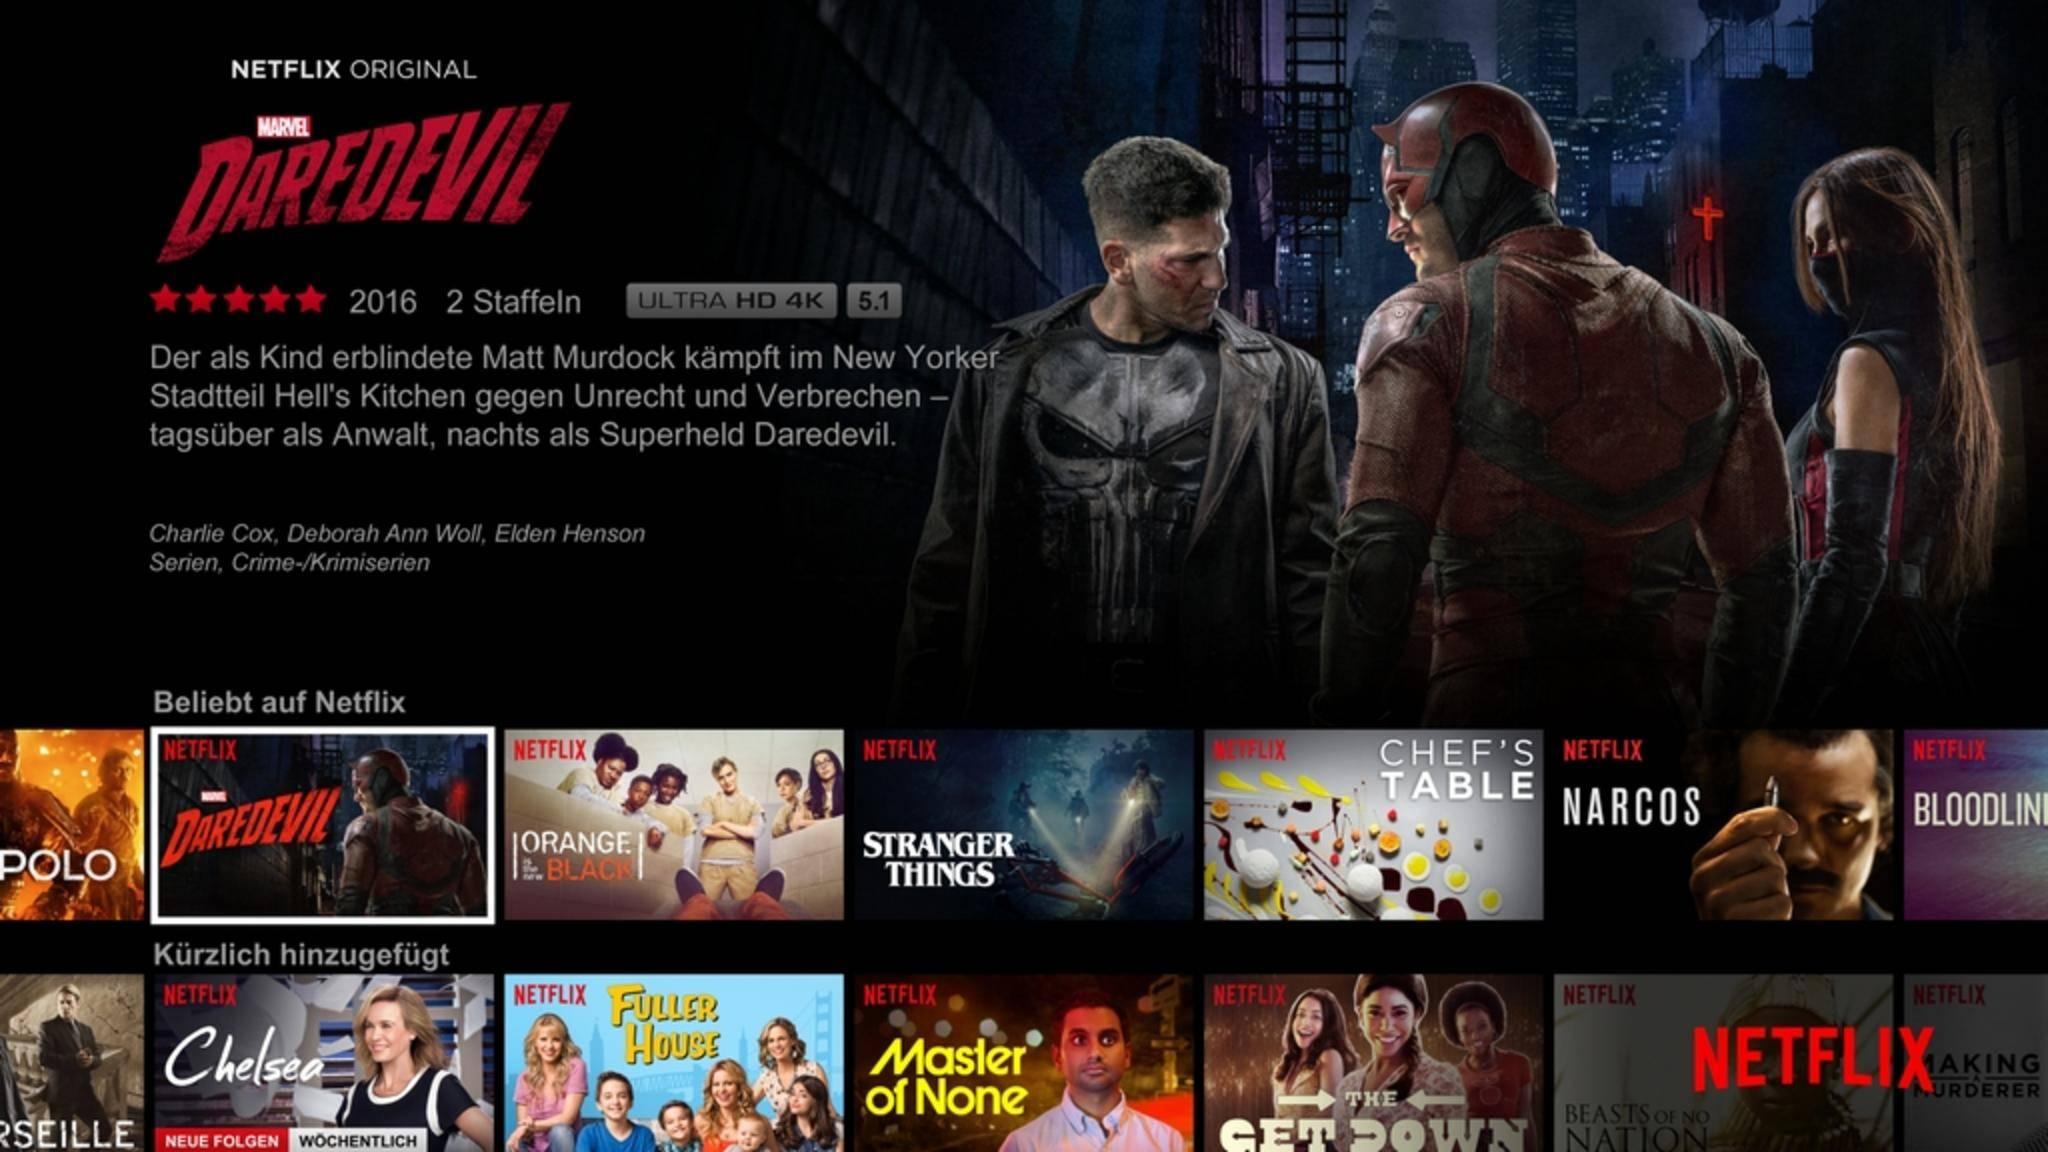 Qualität hat ihren Preis – auch bei Netflix.